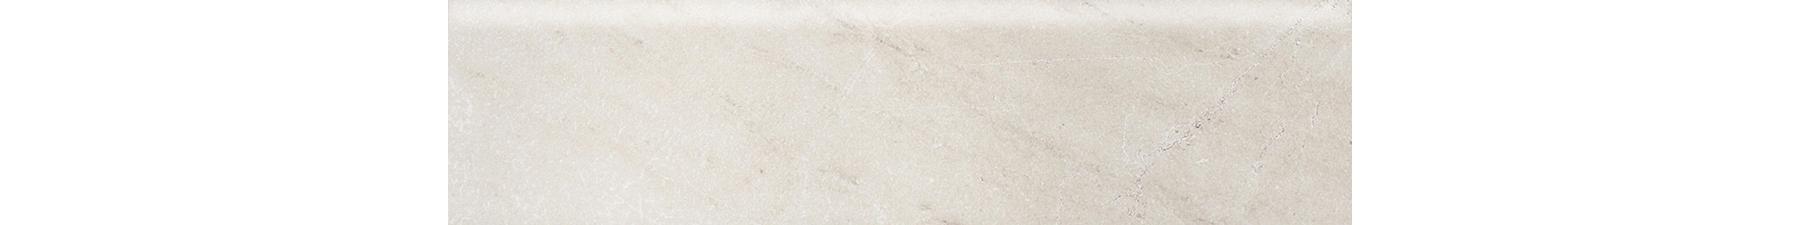 3x12 Levian Snow Bullnose Porcelain Tile